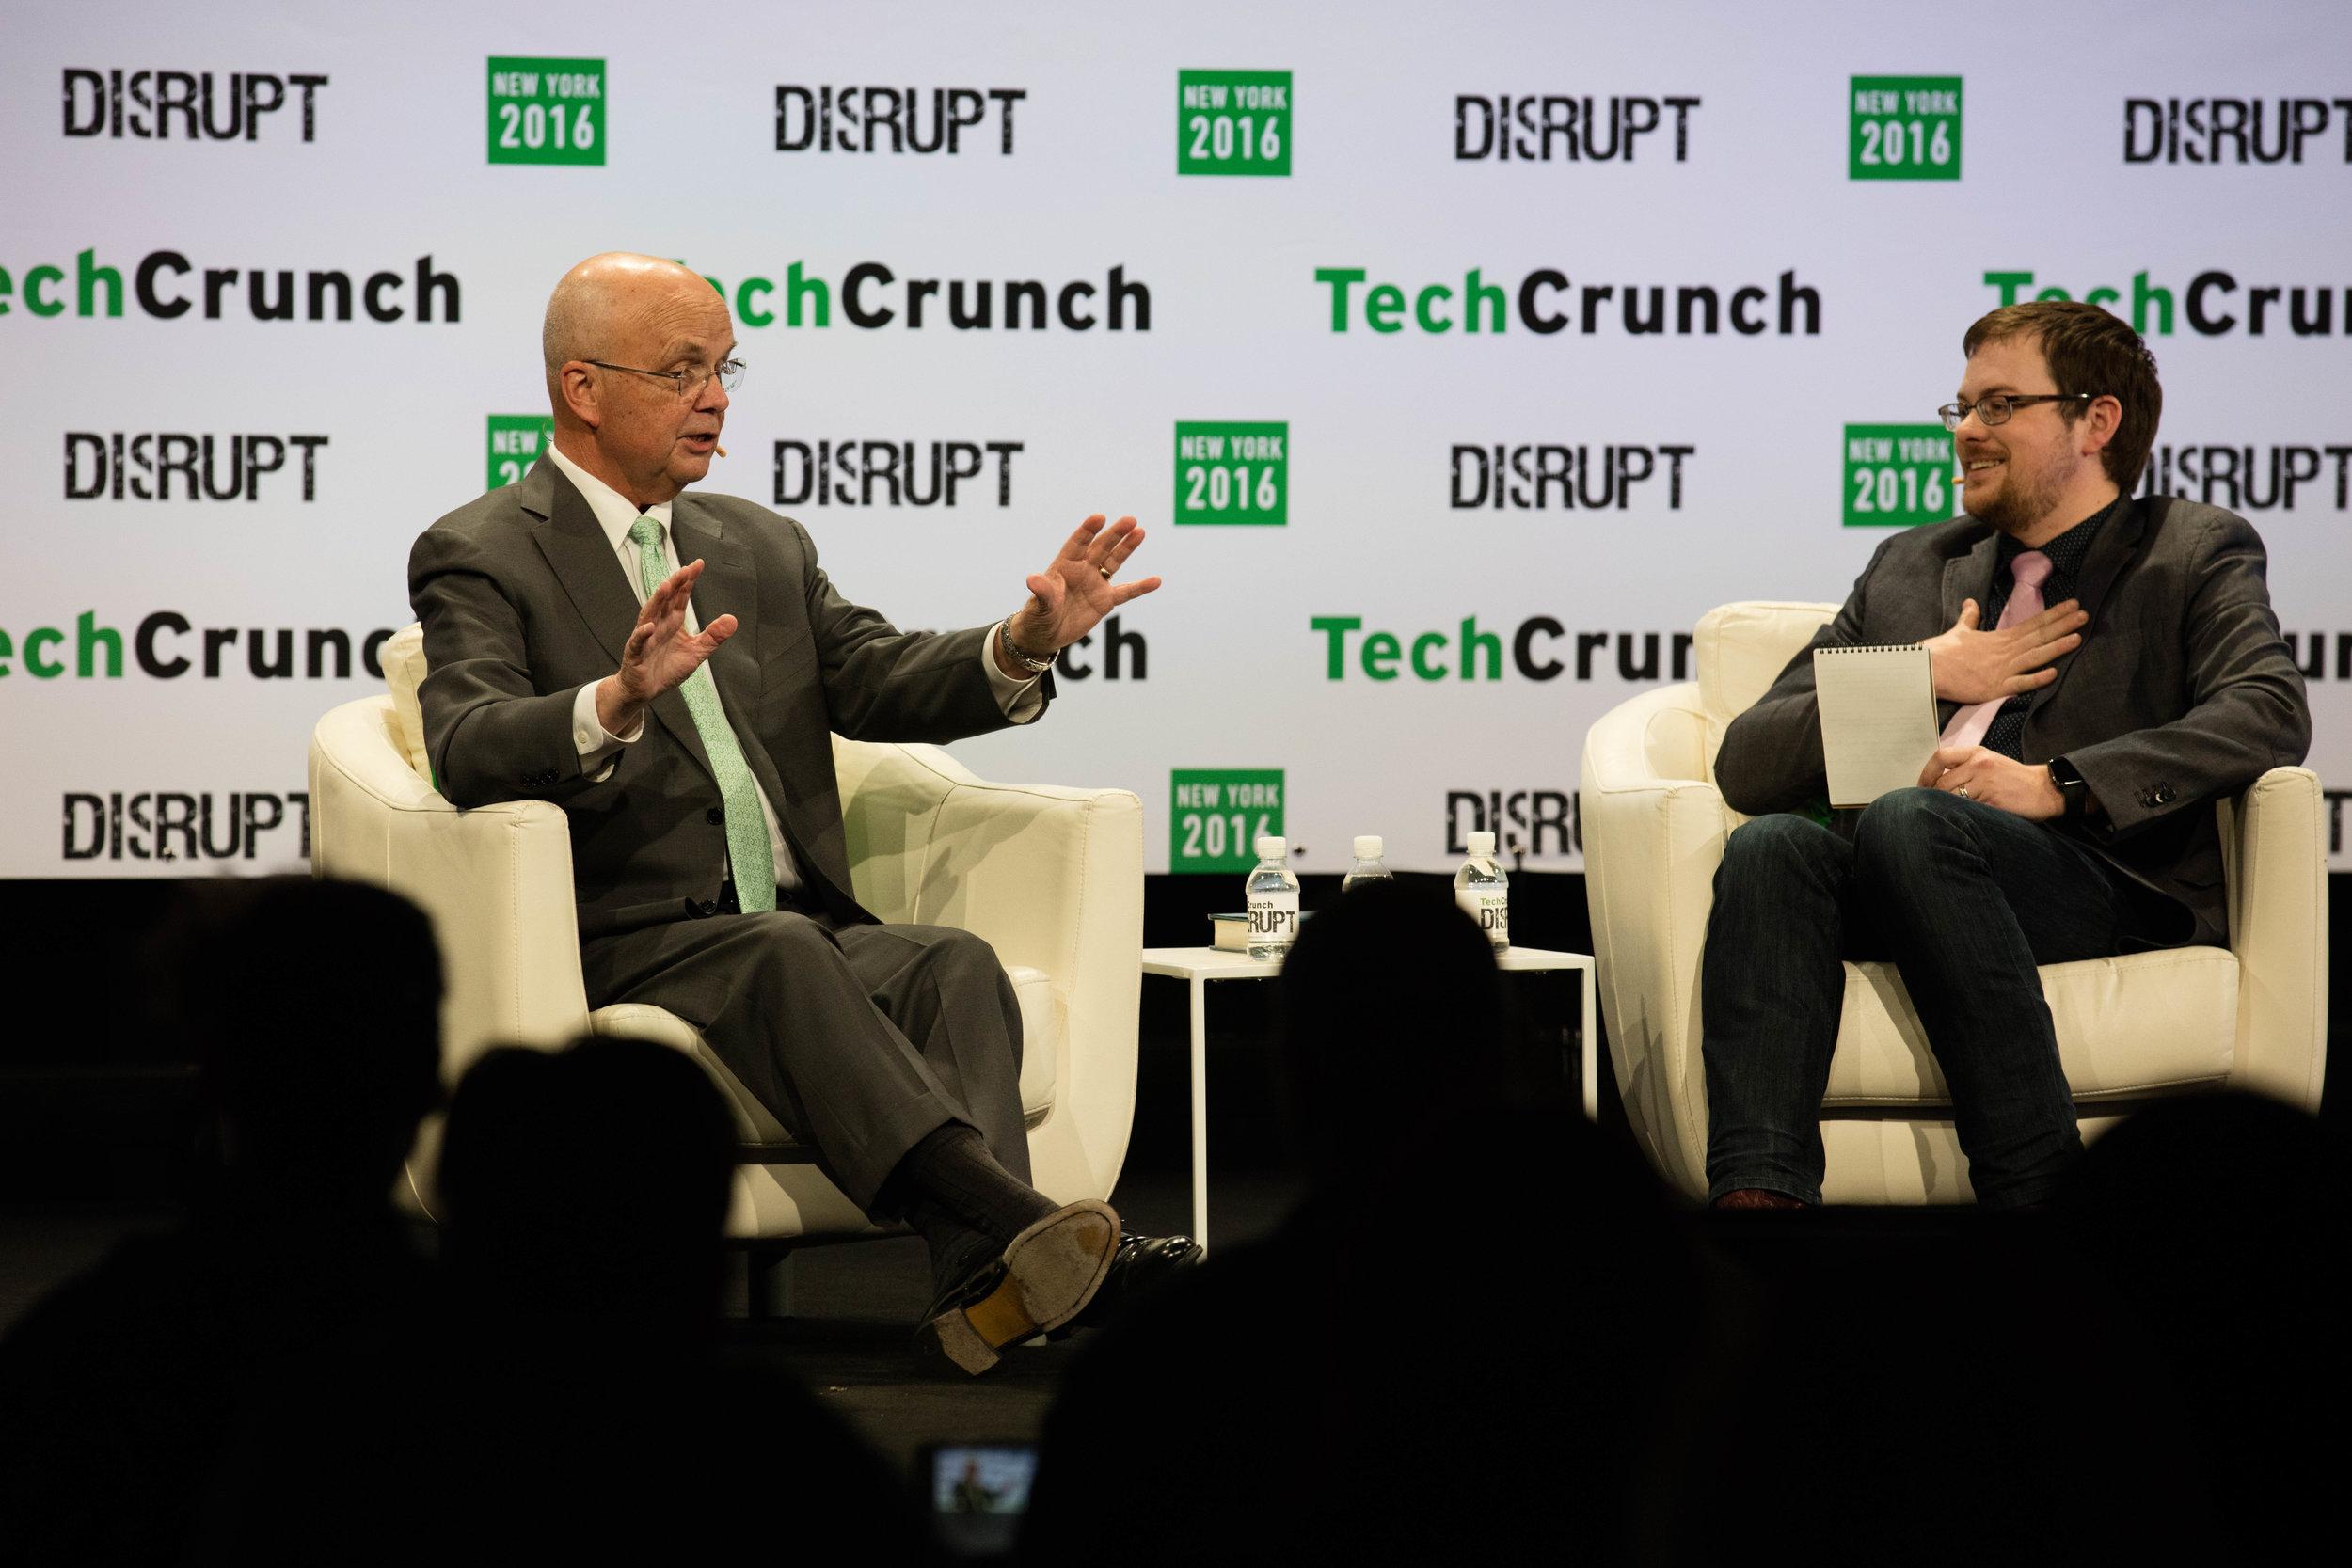 TechCrunch-Disrupt2016-013.jpg